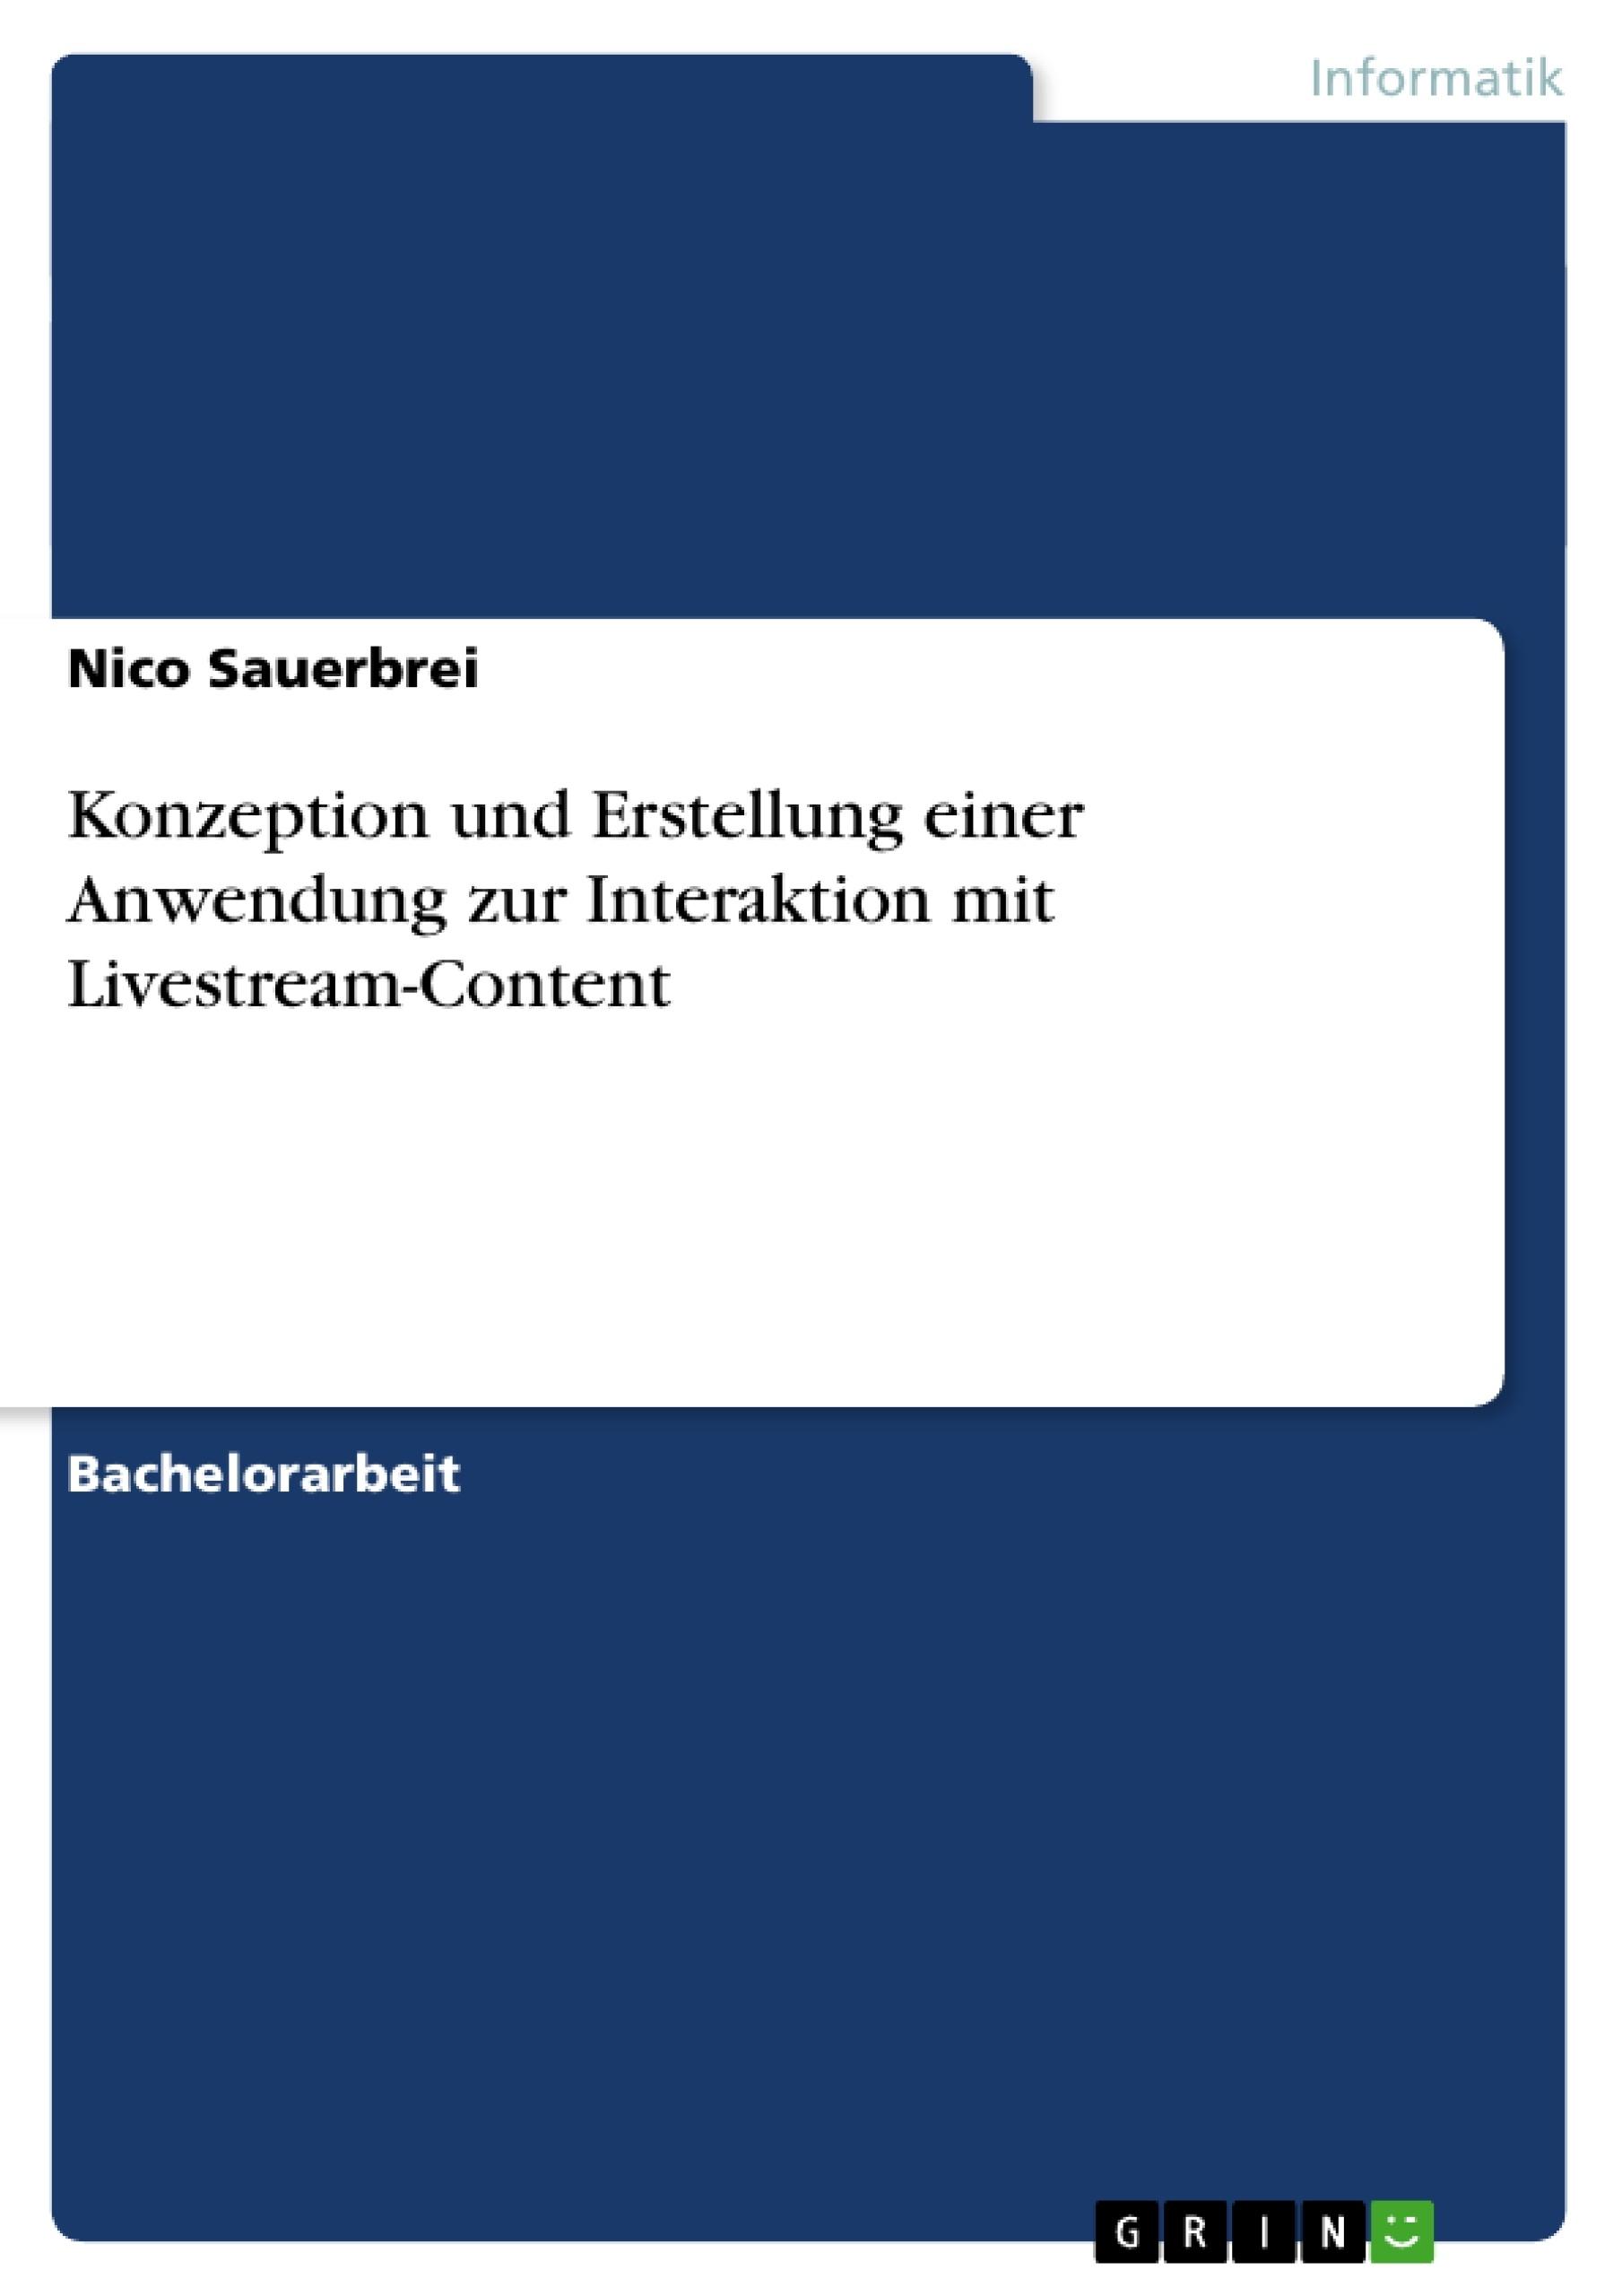 Titel: Konzeption und Erstellung einer Anwendung zur Interaktion mit Livestream-Content